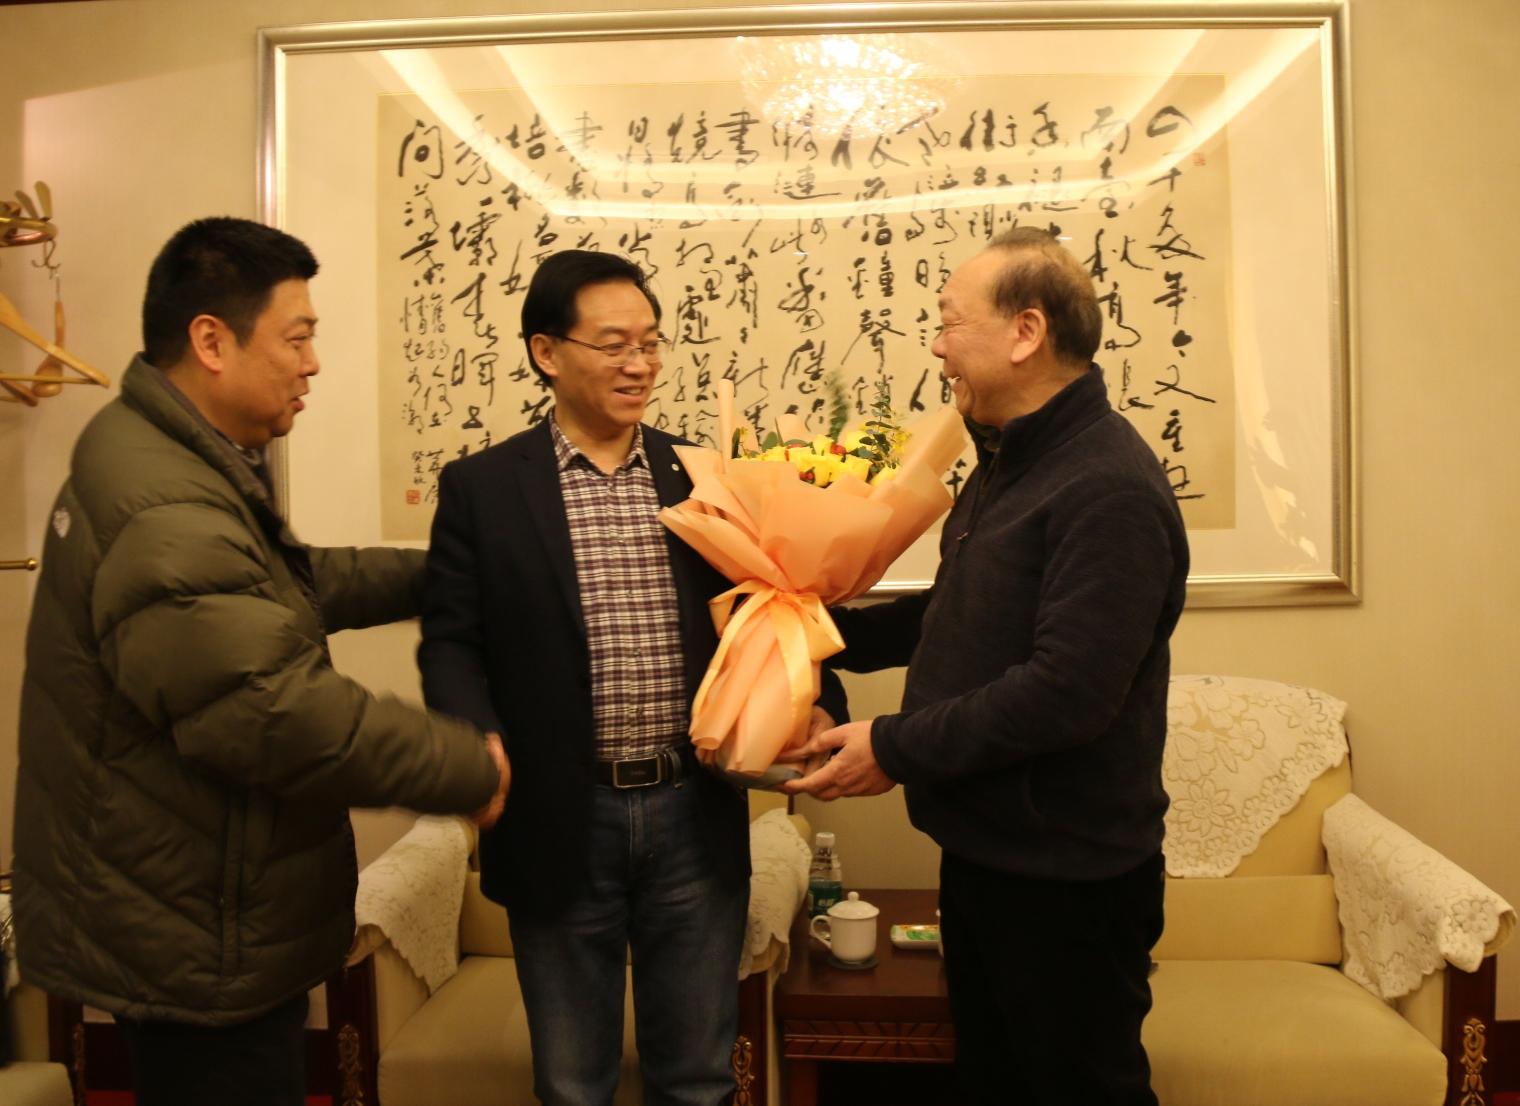 省科技厅领导慰问陈代文教授